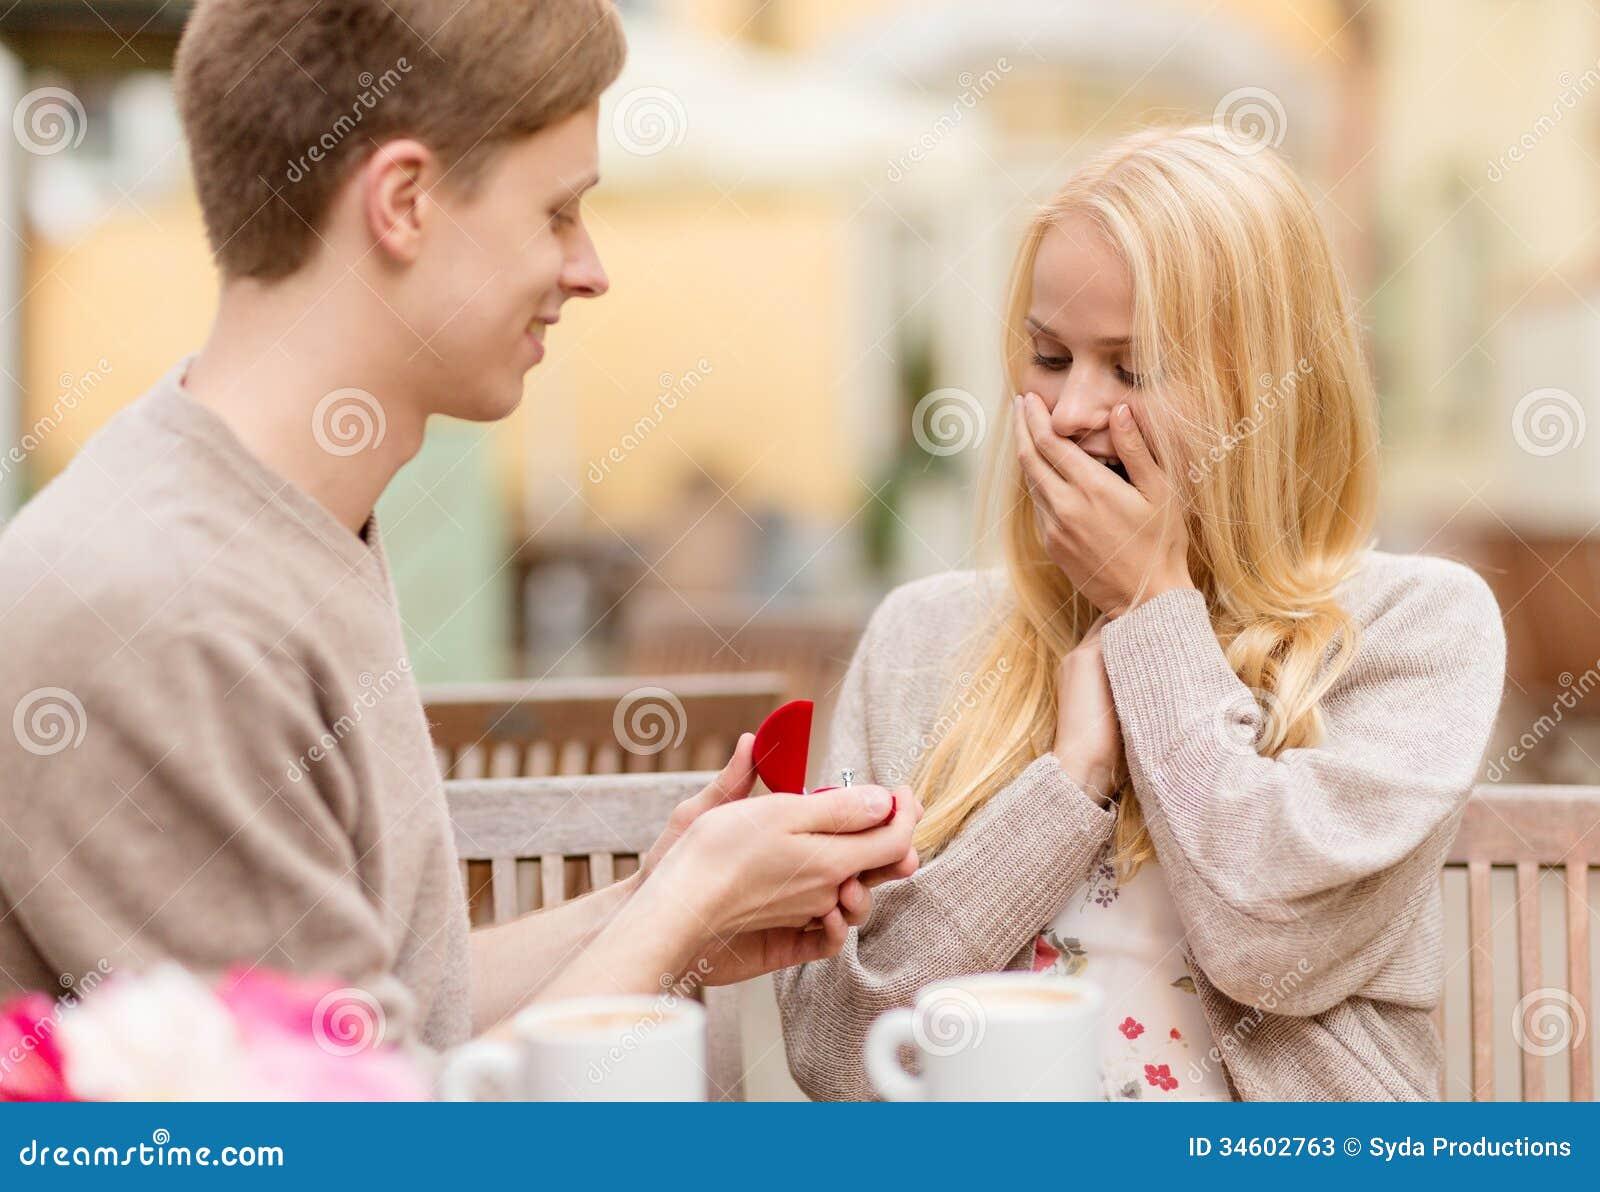 Как в кафе сделать предложение девушке